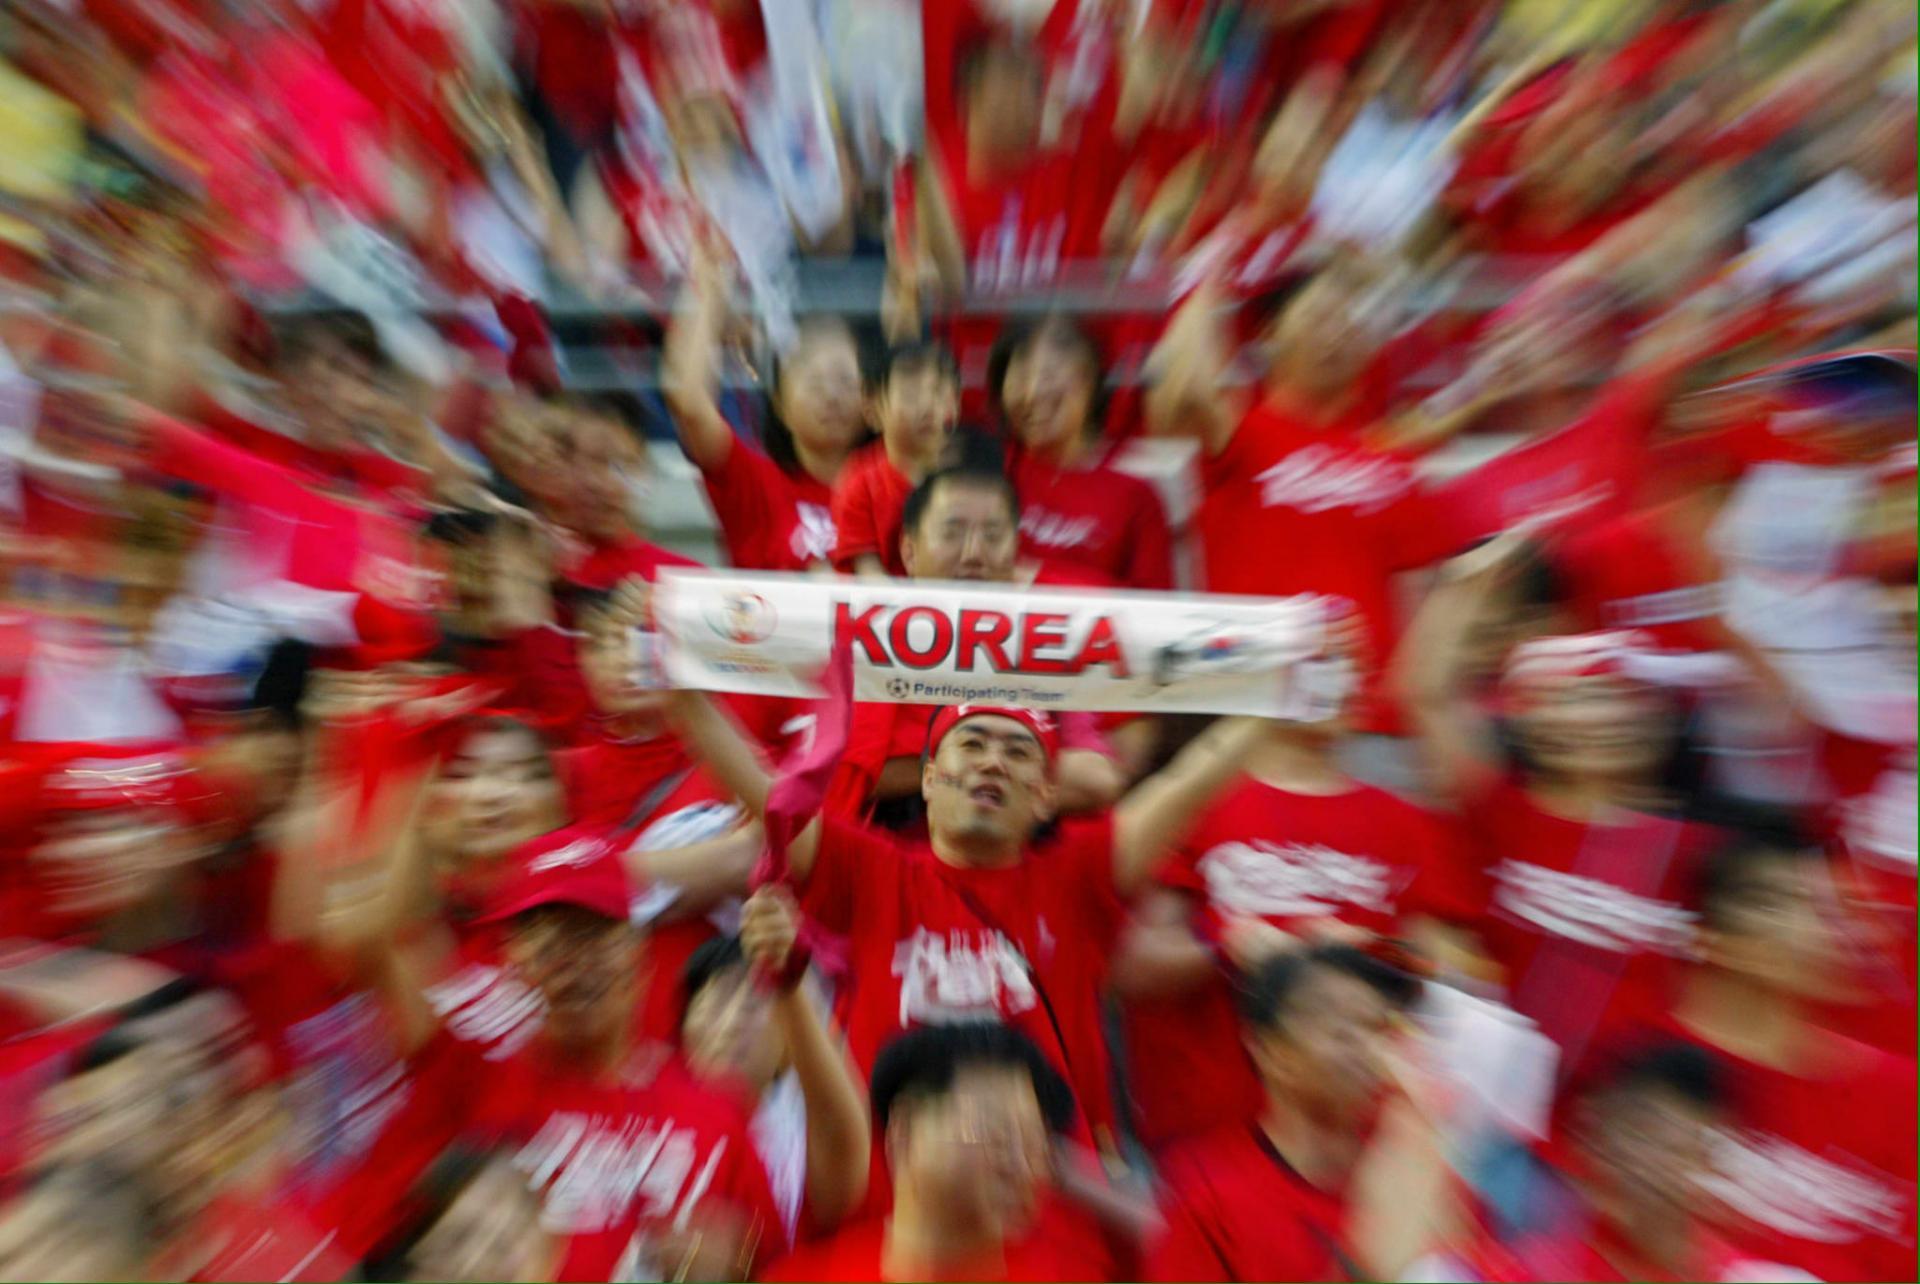 Kibic Korei Południowej z szalikiem reprezentacji. Zdjęcie zrobione na trybunach stadionu w Daegu.